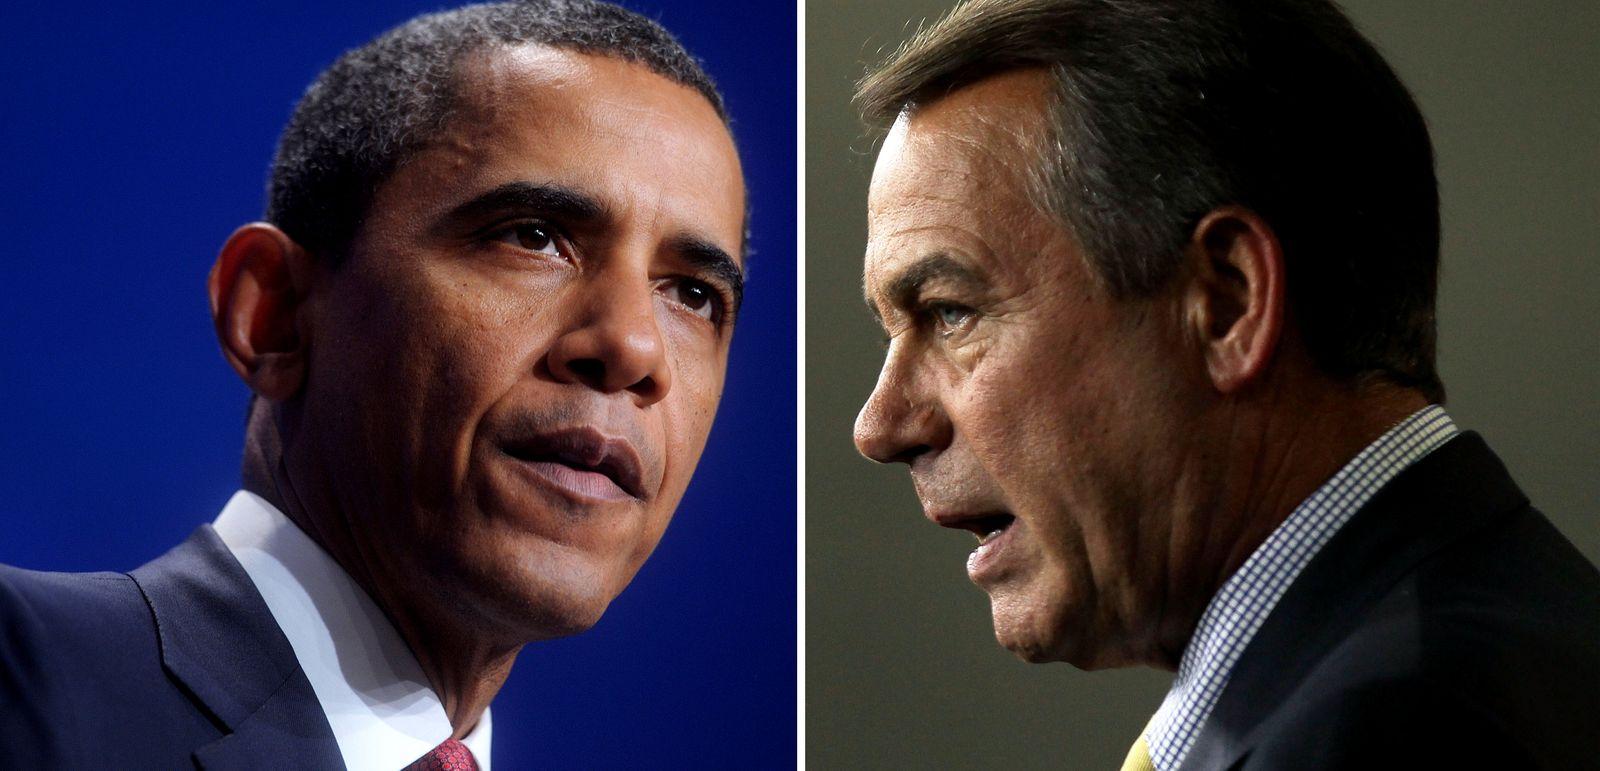 KOMBO Barack Obama / John Boehner